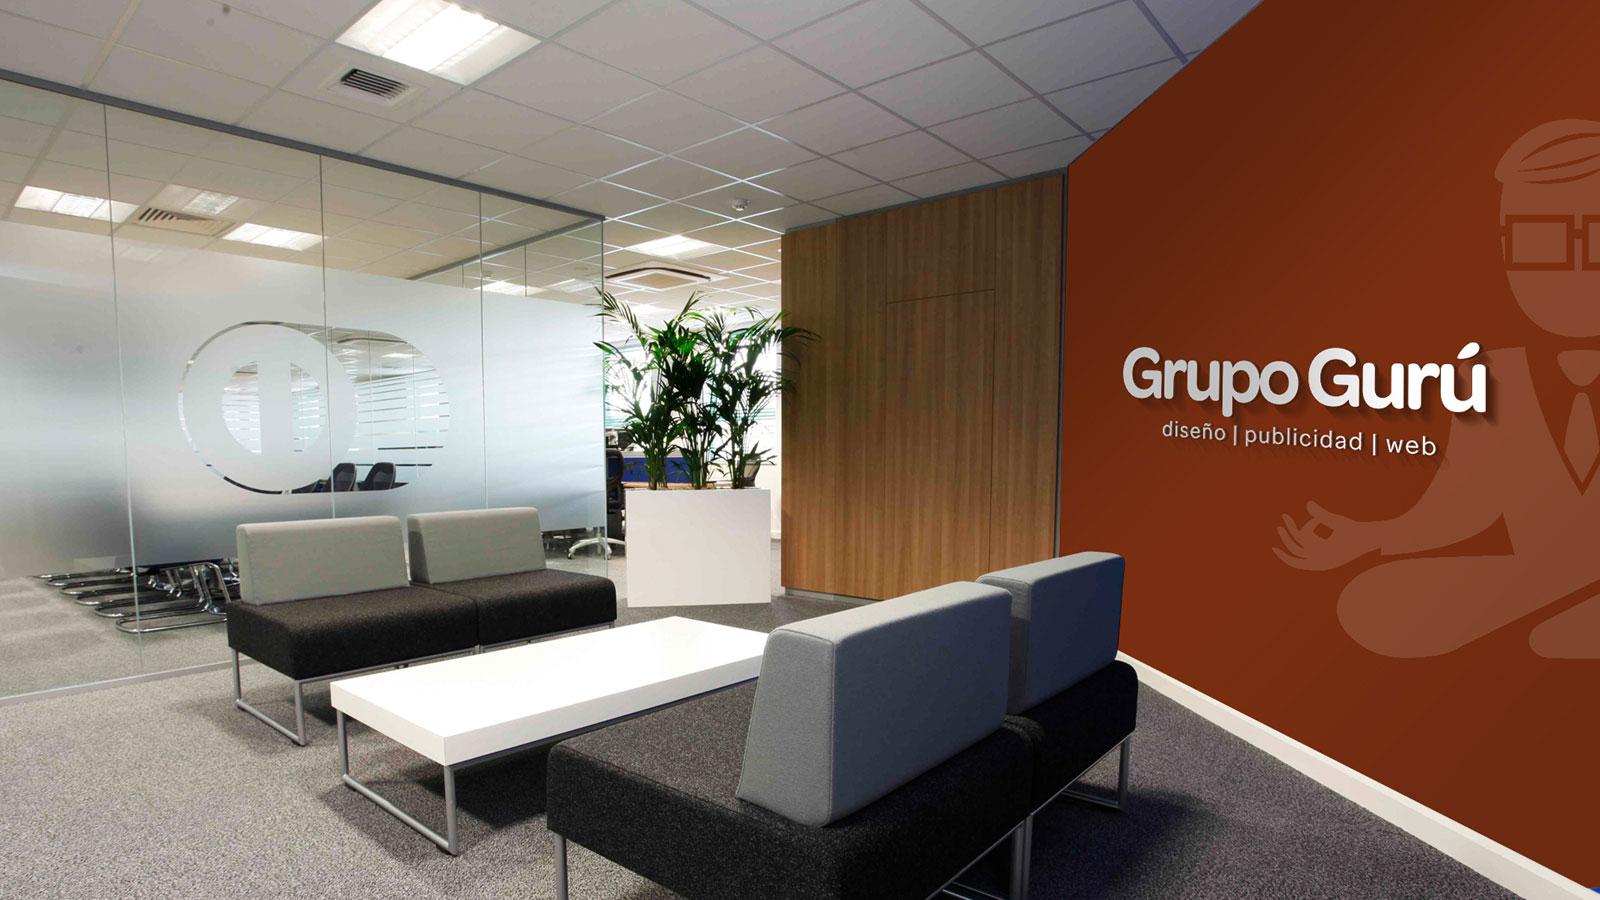 Grupo gur agencia de marketing digital dise o web tijuana for Diseno de interiores tijuana